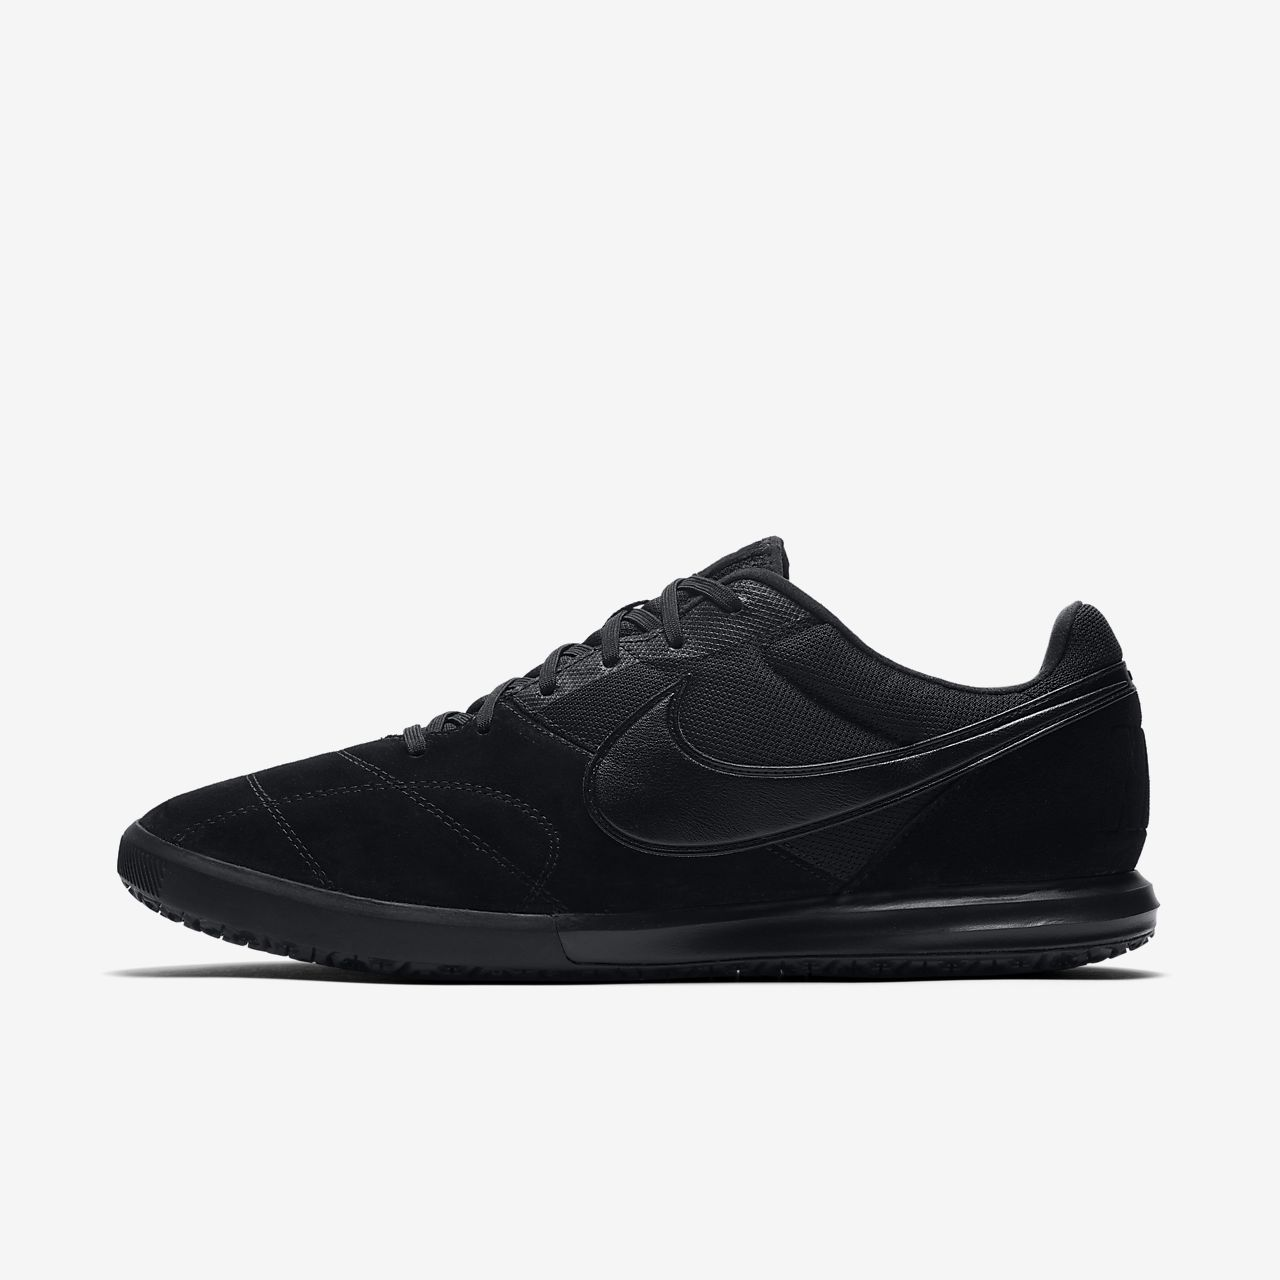 The Nike Premier II Sala男/女室内/球场足球鞋